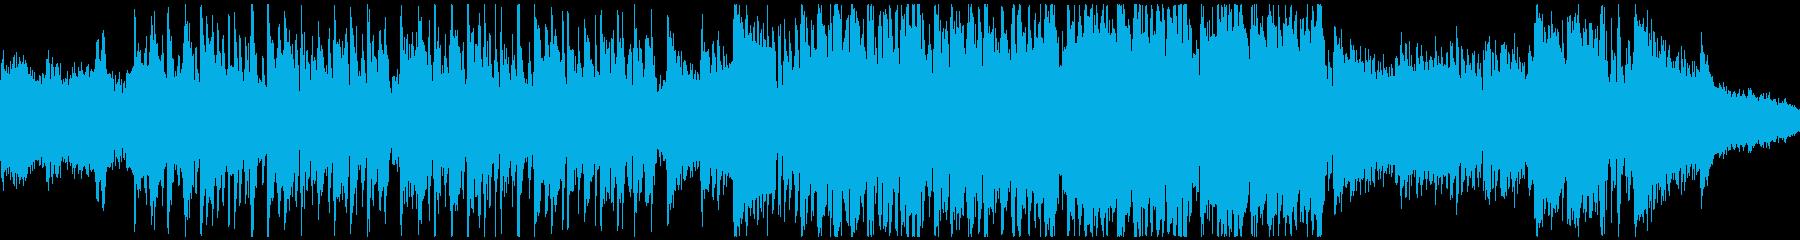 怪しいメルヘン造語歌(ループ)の再生済みの波形